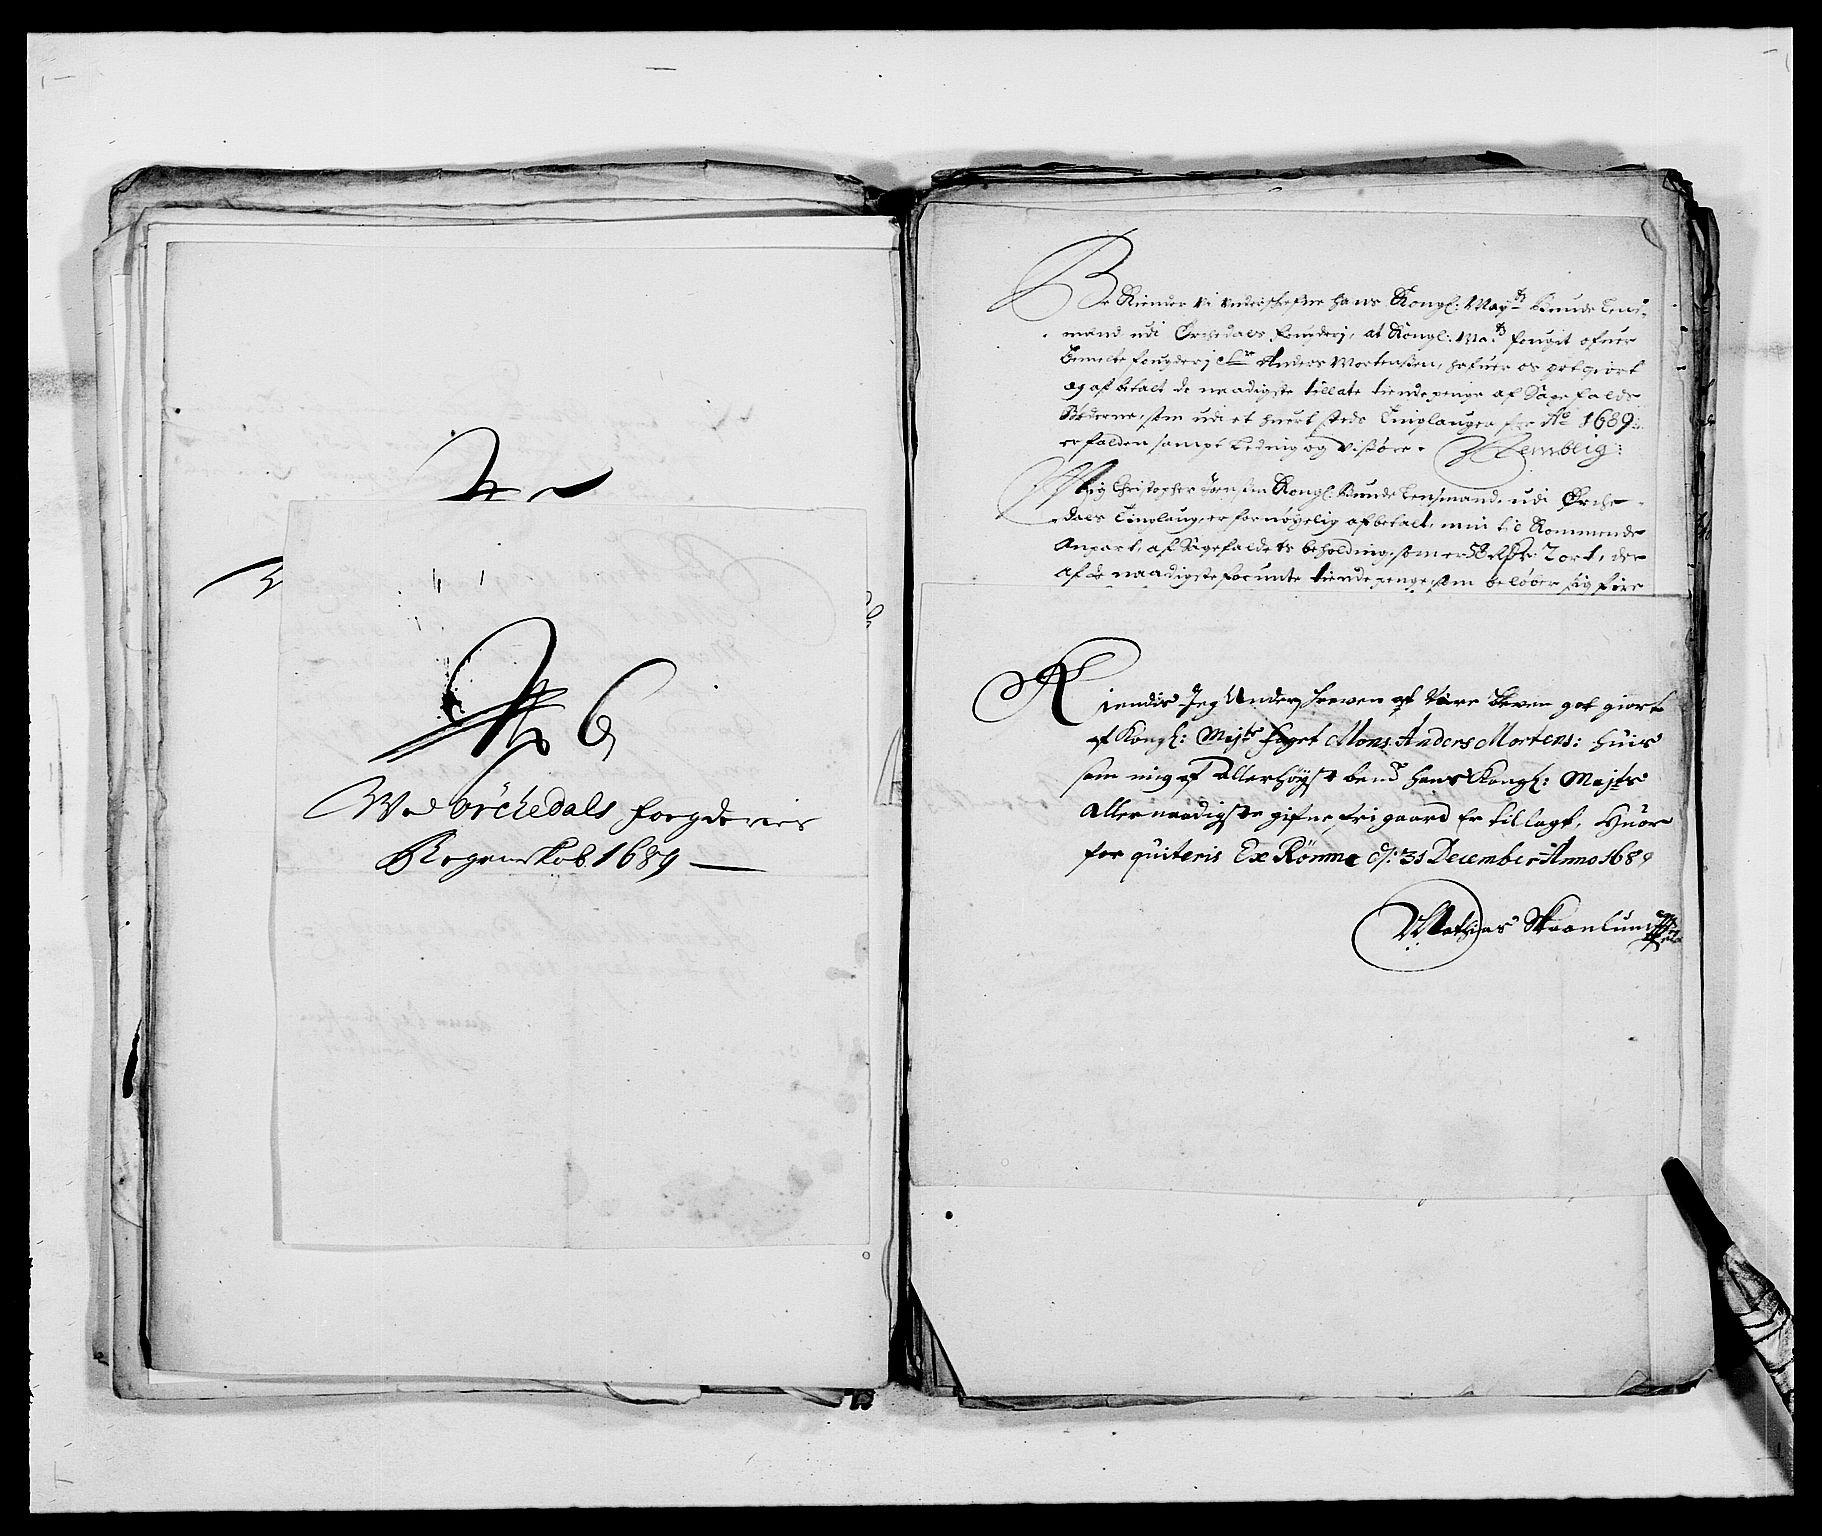 RA, Rentekammeret inntil 1814, Reviderte regnskaper, Fogderegnskap, R58/L3936: Fogderegnskap Orkdal, 1689-1690, s. 189